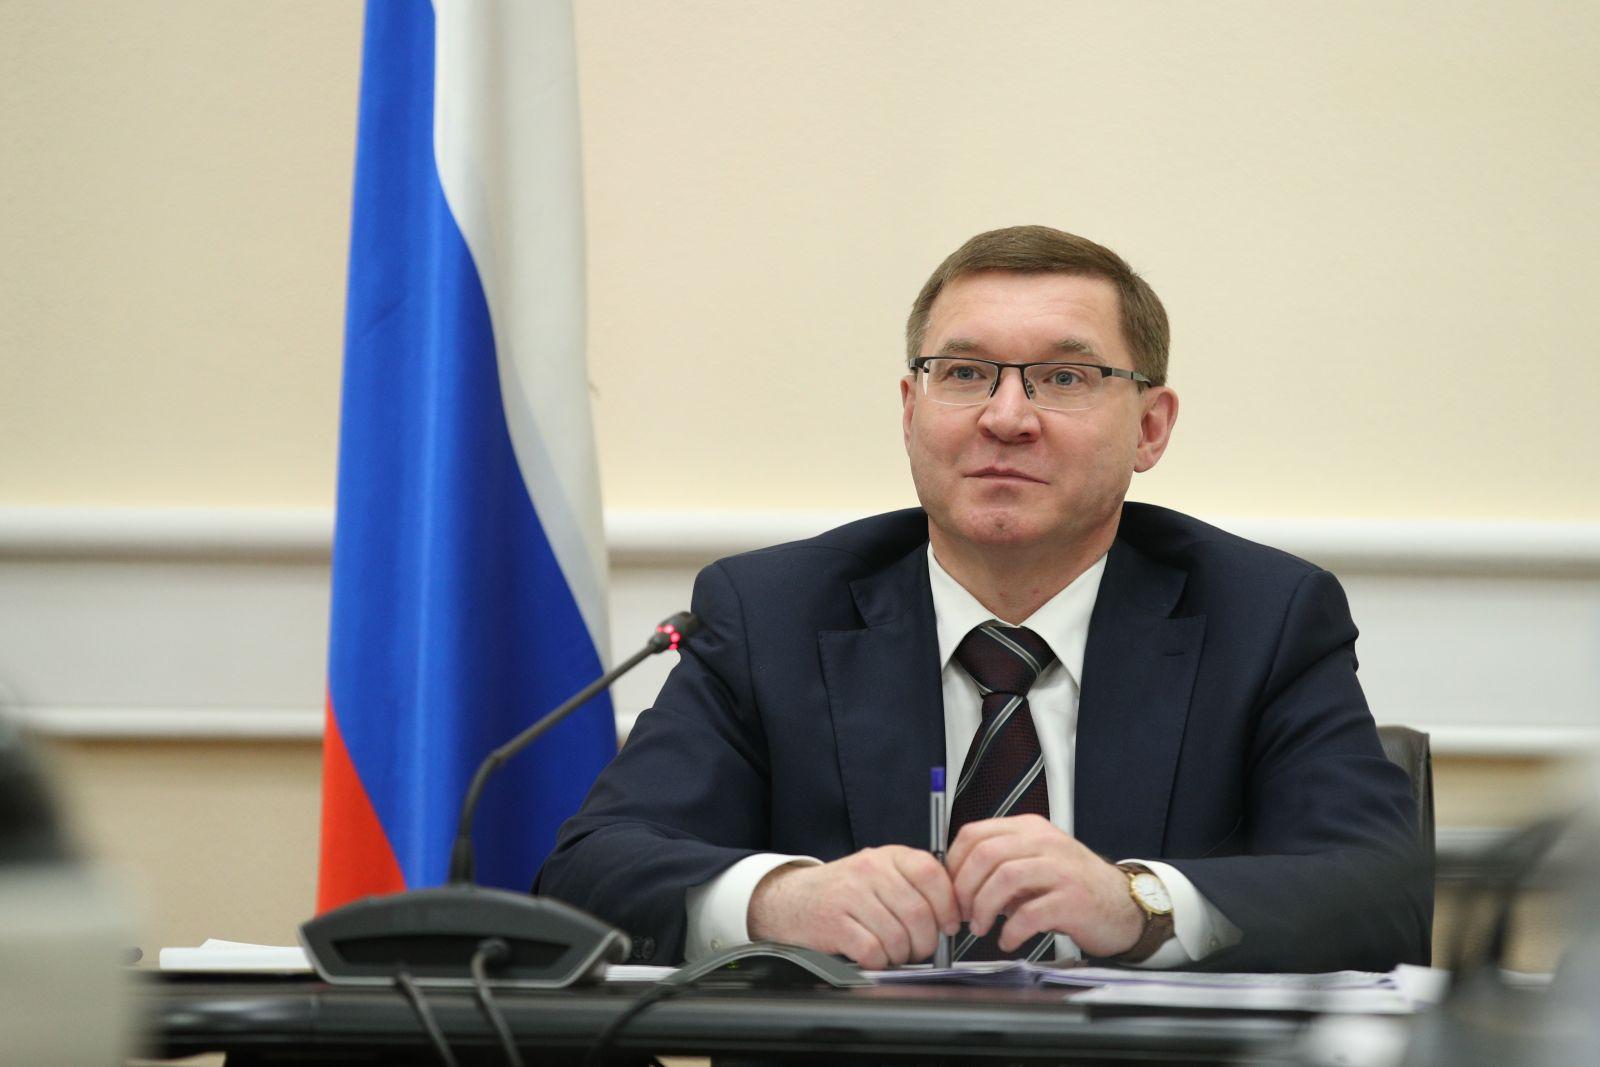 Уральский полпред опроверг объединение Ямала с другими субъектами